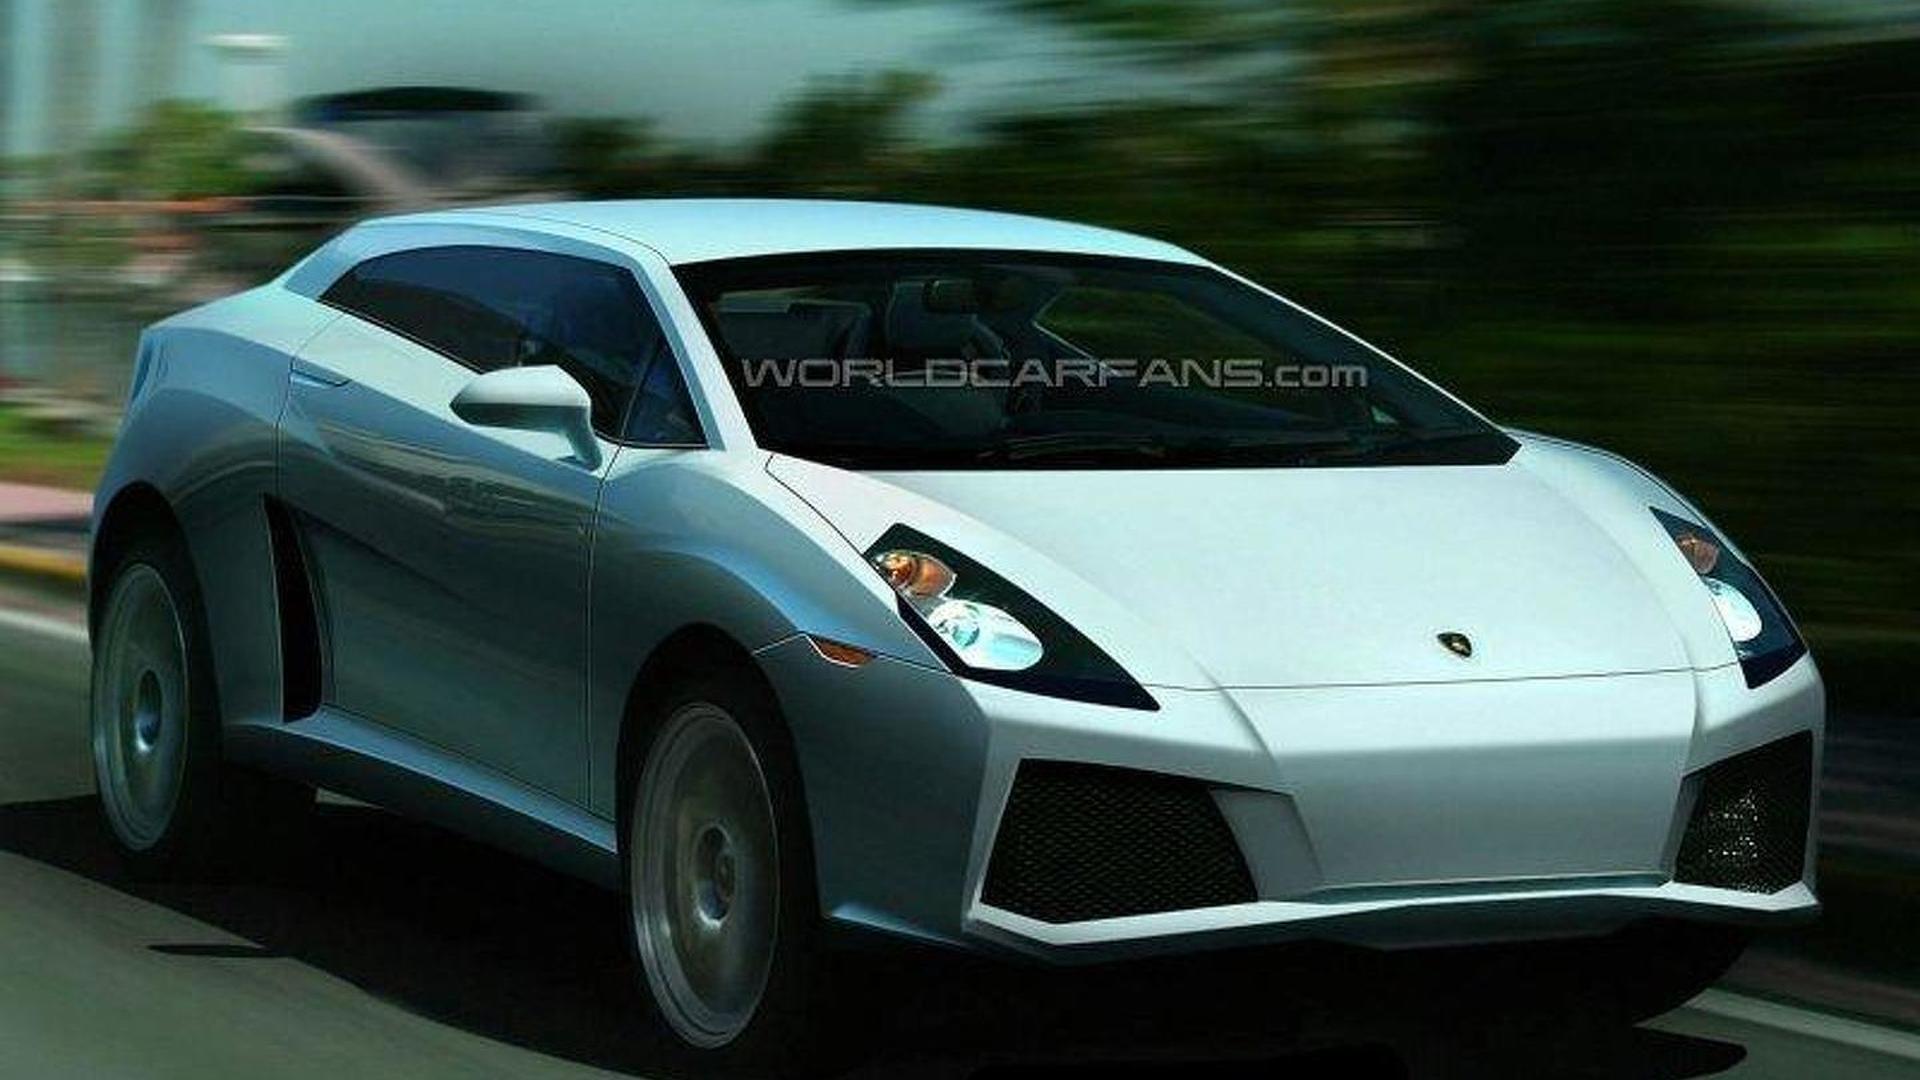 Lamborghini to build LM002 successor - report